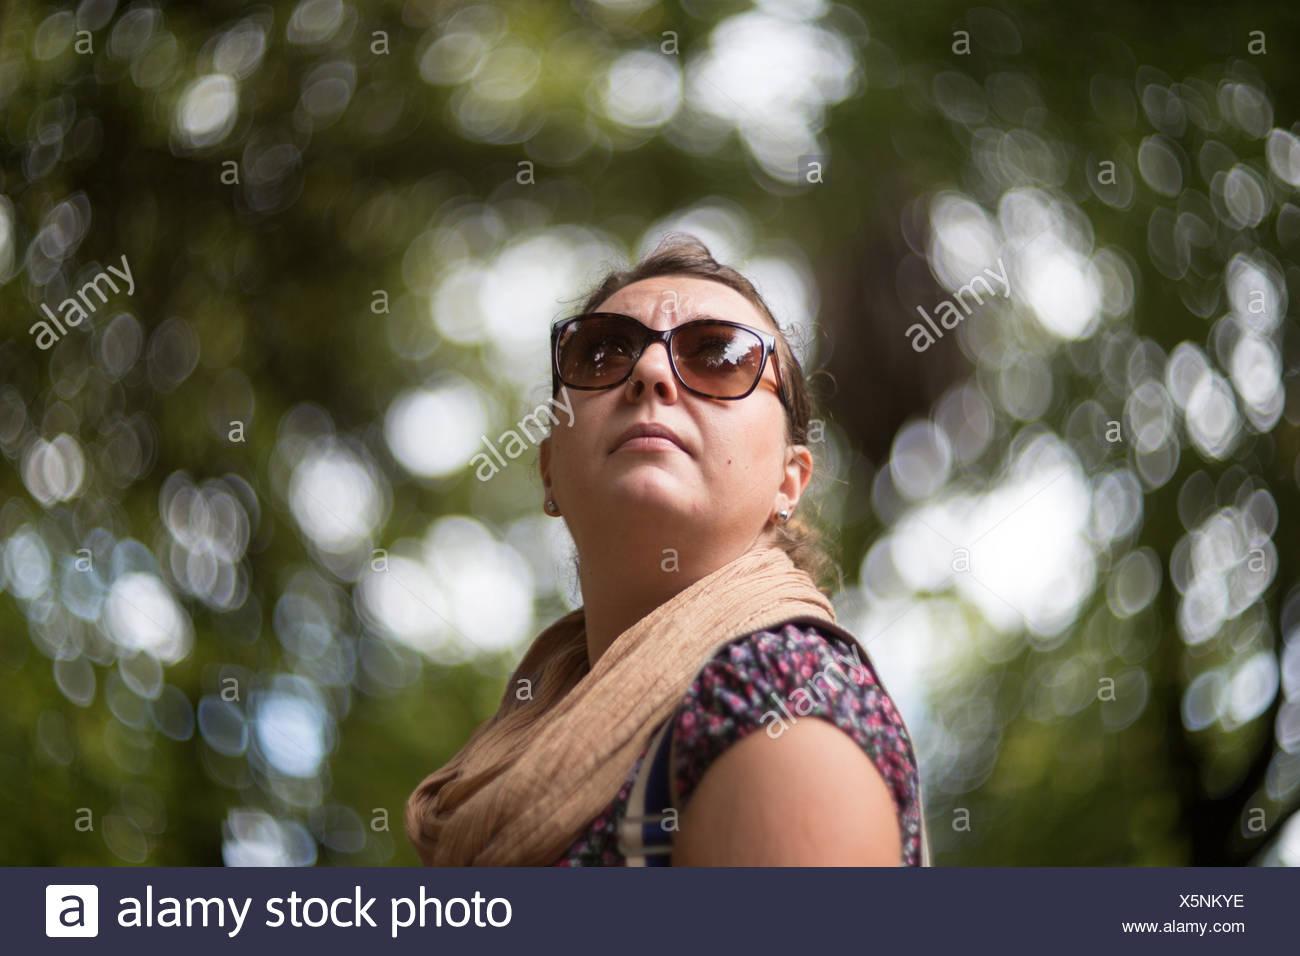 Porträt einer Mitte Erwachsene Frau im park Stockbild